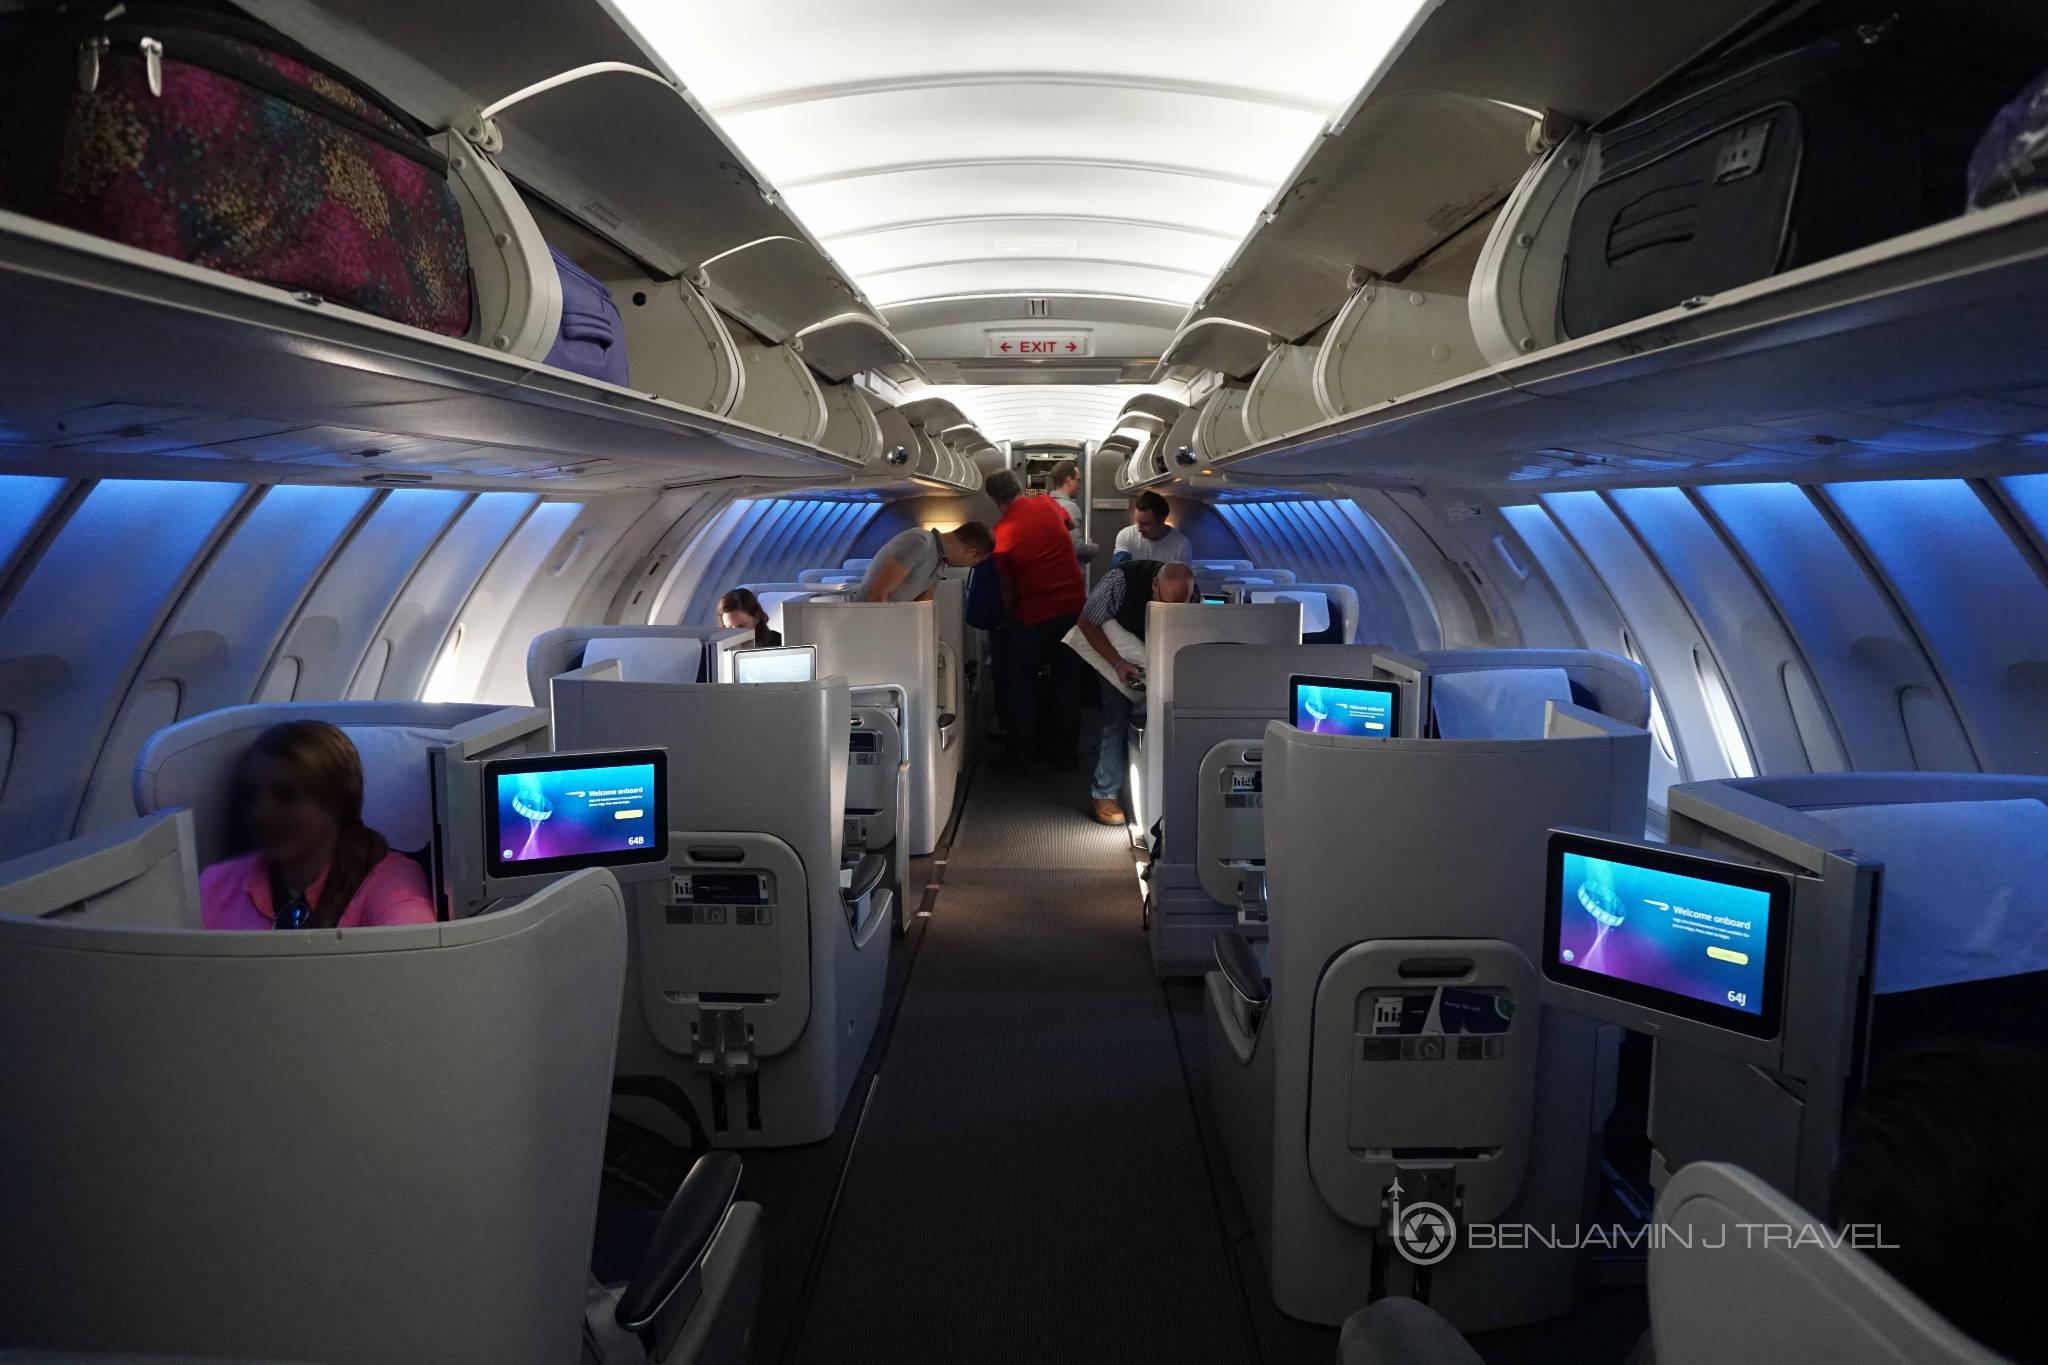 Trip Report Upper Deck Club World On British Airways 747